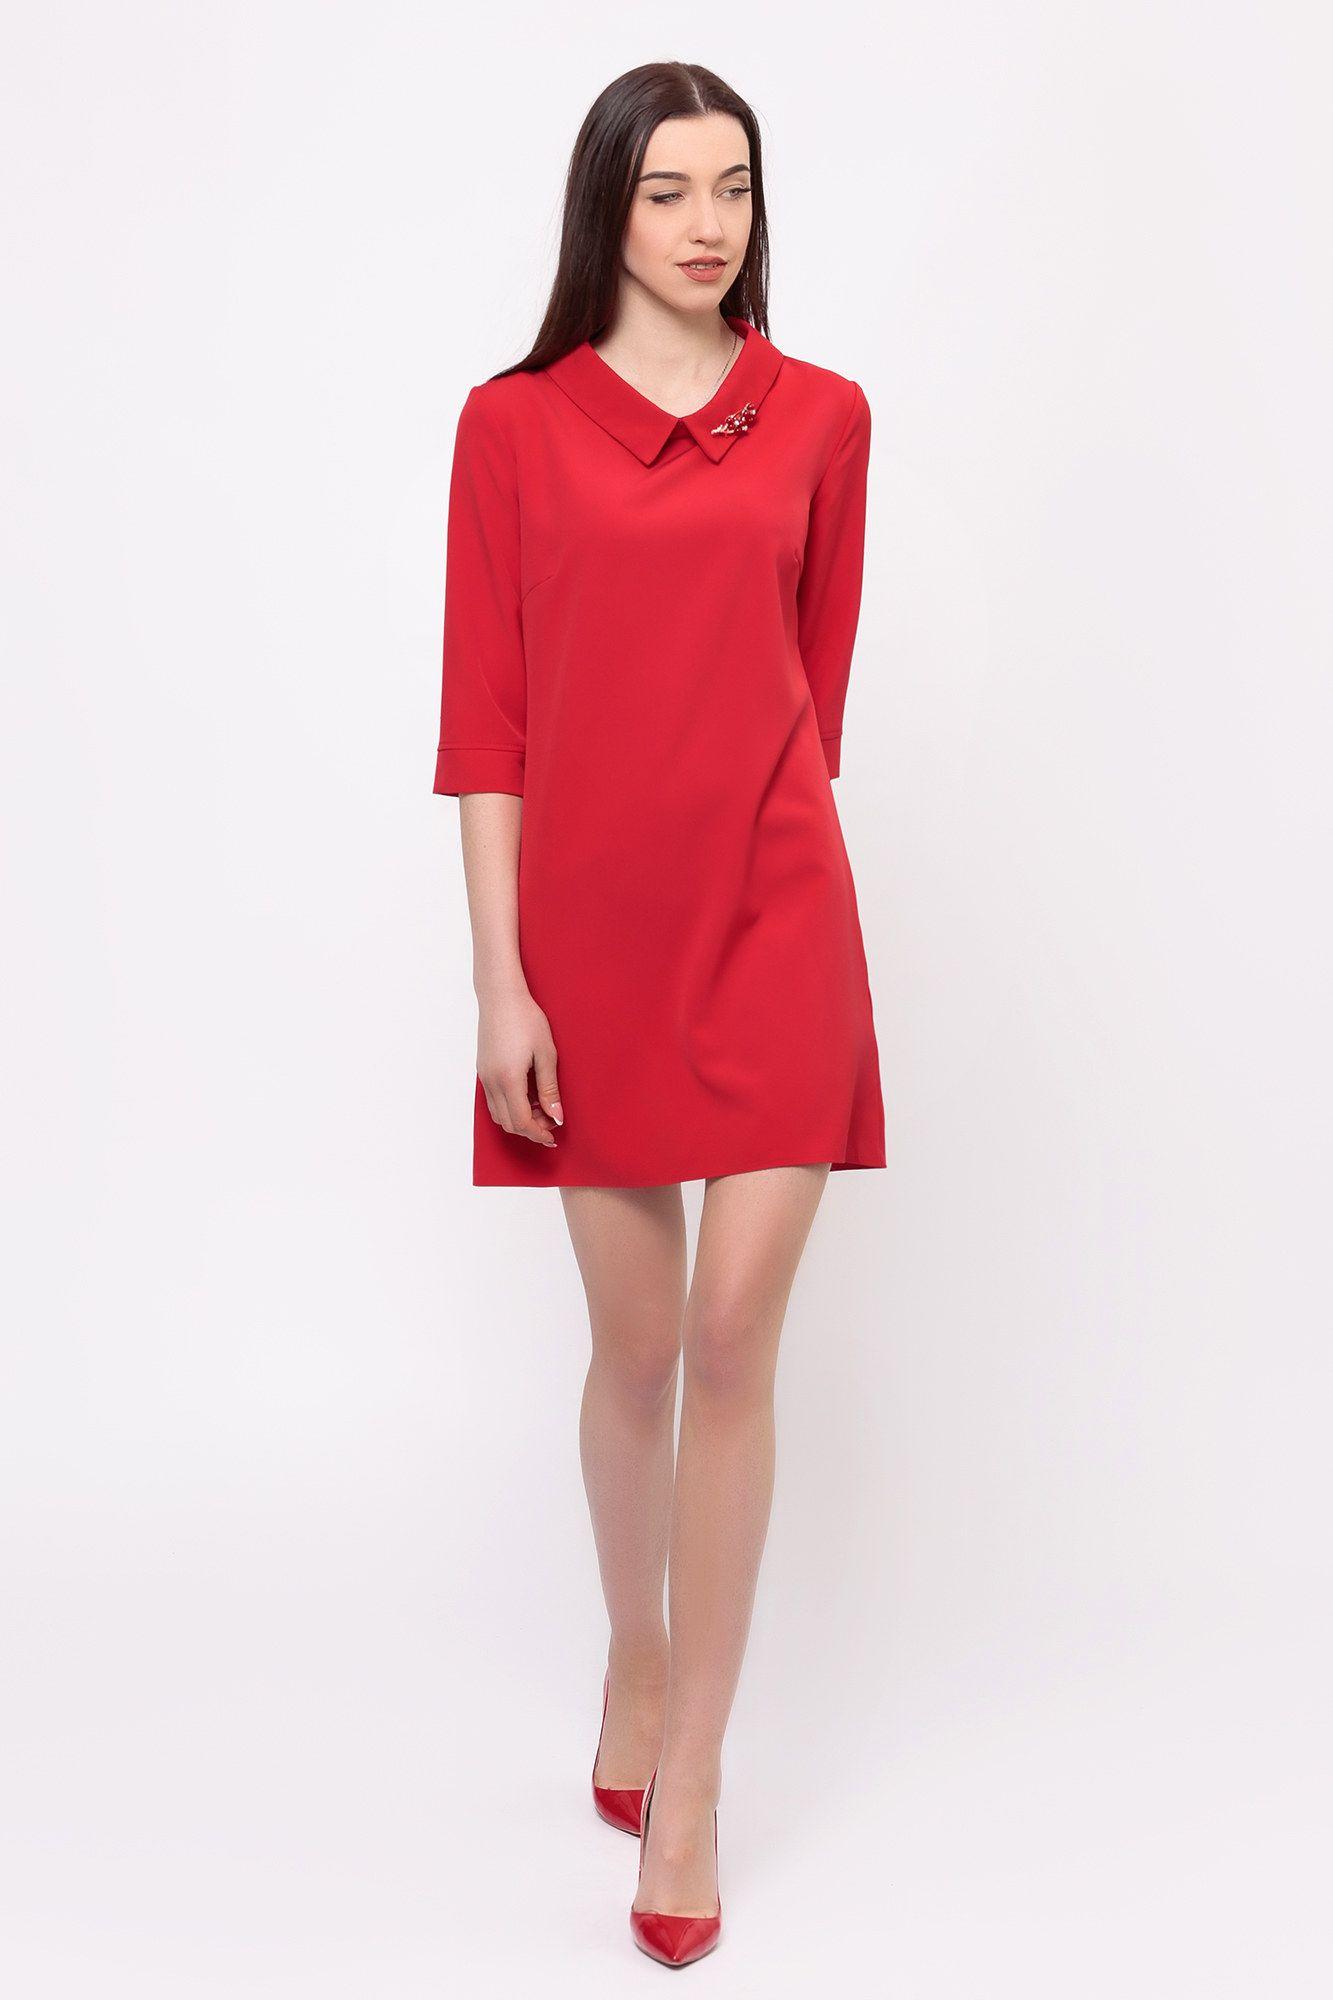 7a3f98ad994 Красное платье Elizabeth с рукавами 3 4 и отложным воротником Garne ...